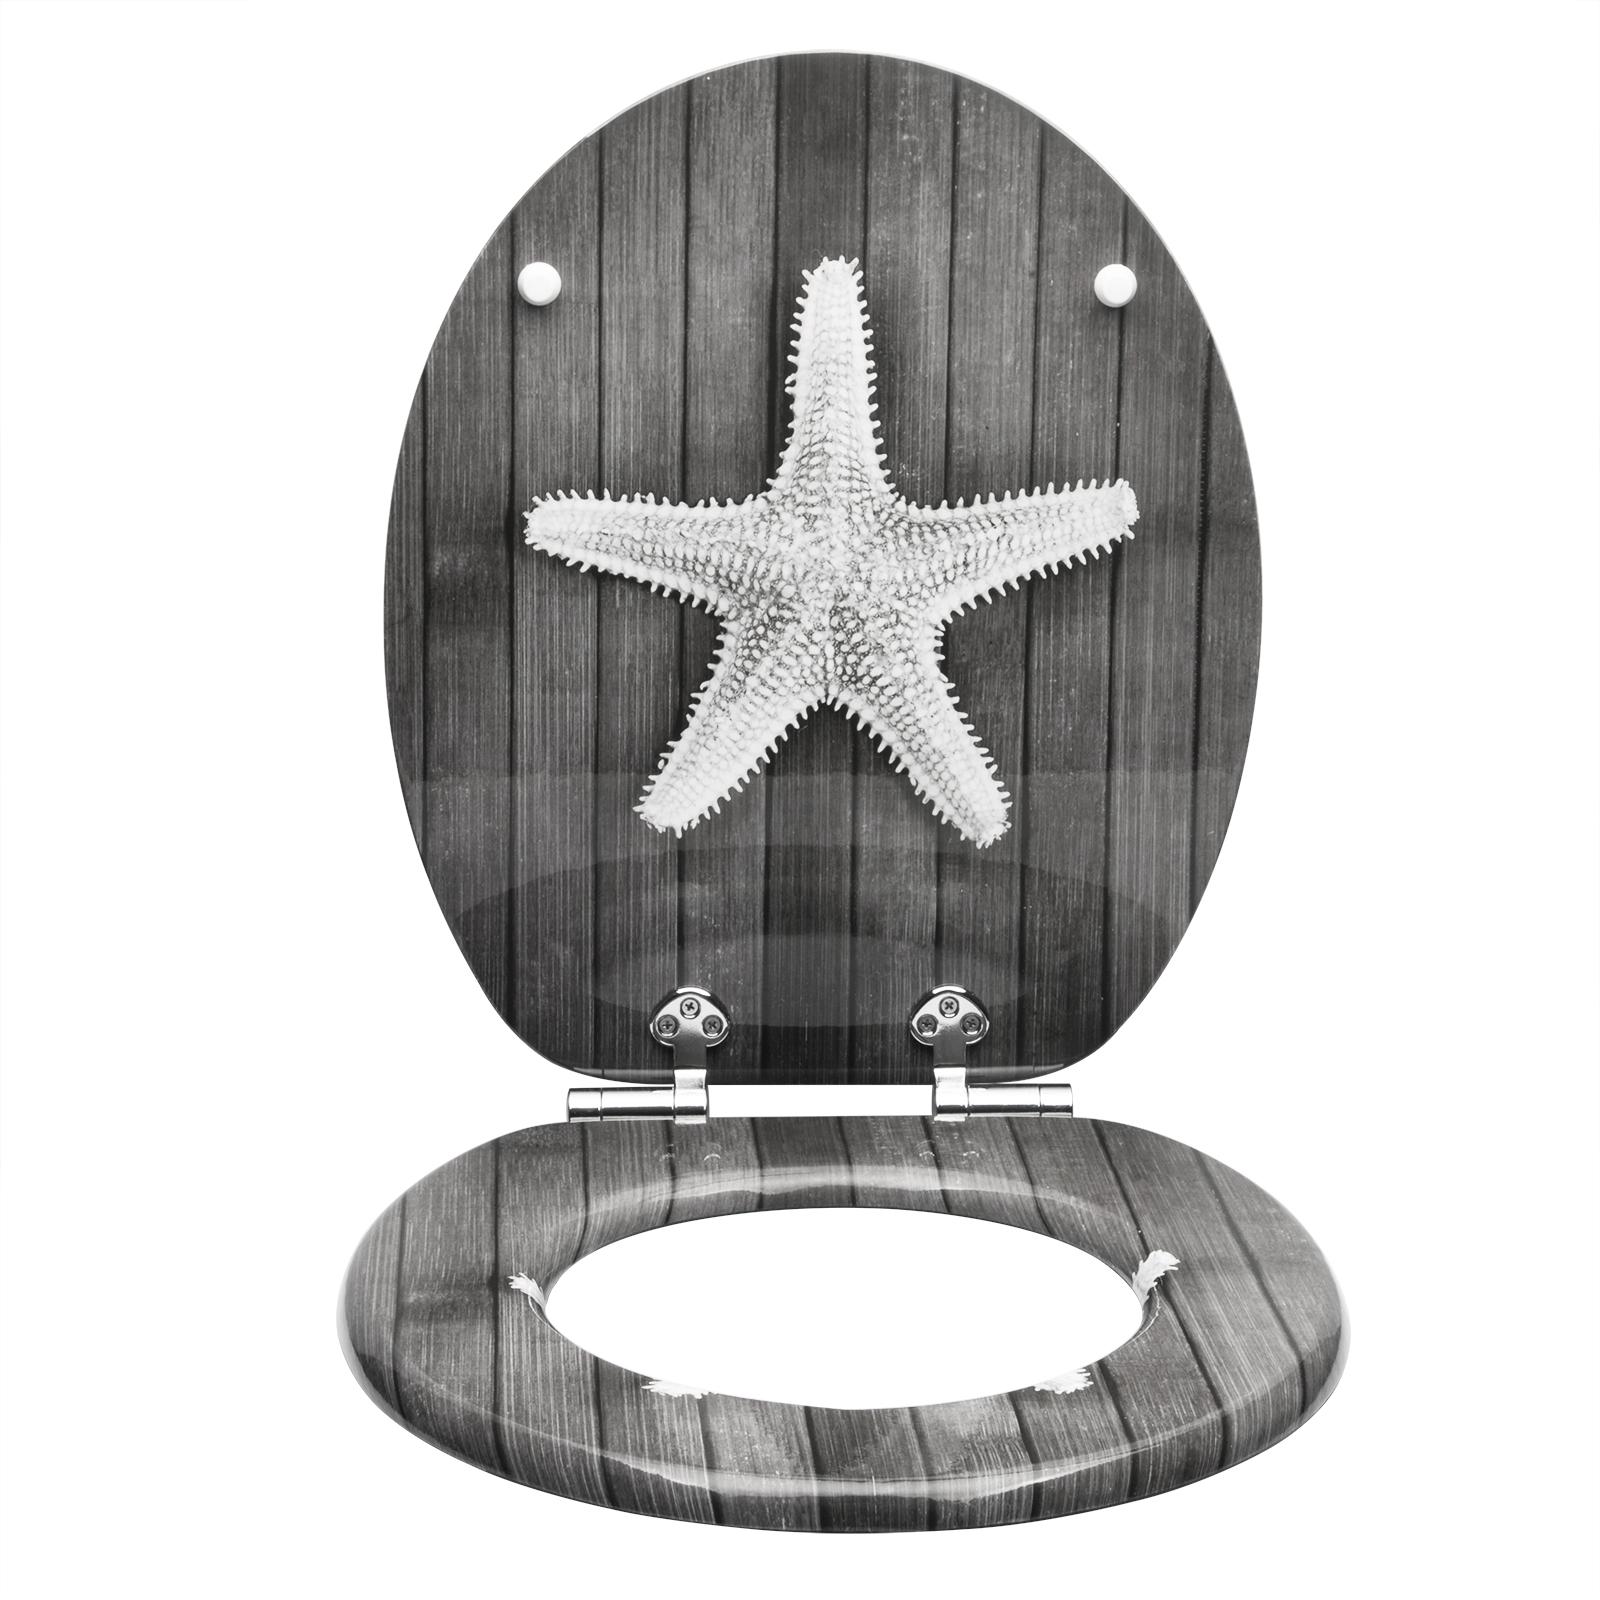 WC Sitz Toilettensitz Toilettendeckel Klodeckel Quadrat Form Absenkautomatik Neu